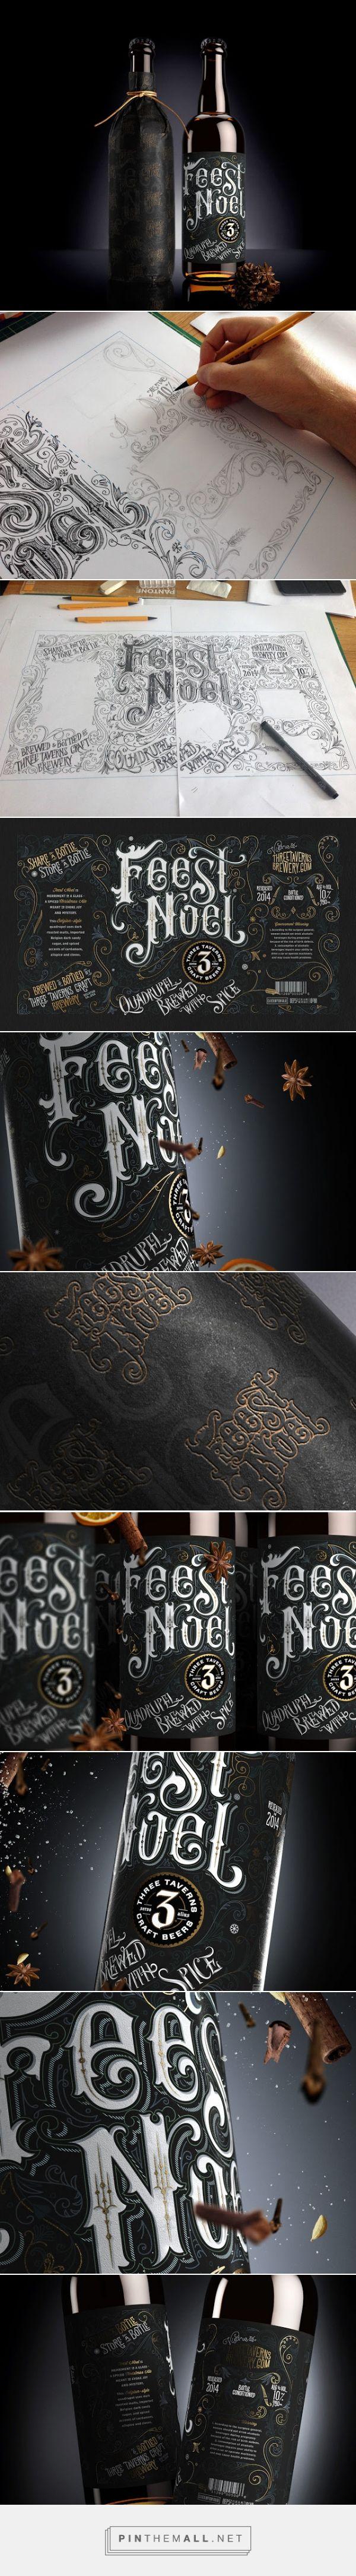 Feest Noel #ale #packaging designed by Anton Burmistrov - http://www.packagingoftheworld.com/2015/03/feest-noel.html